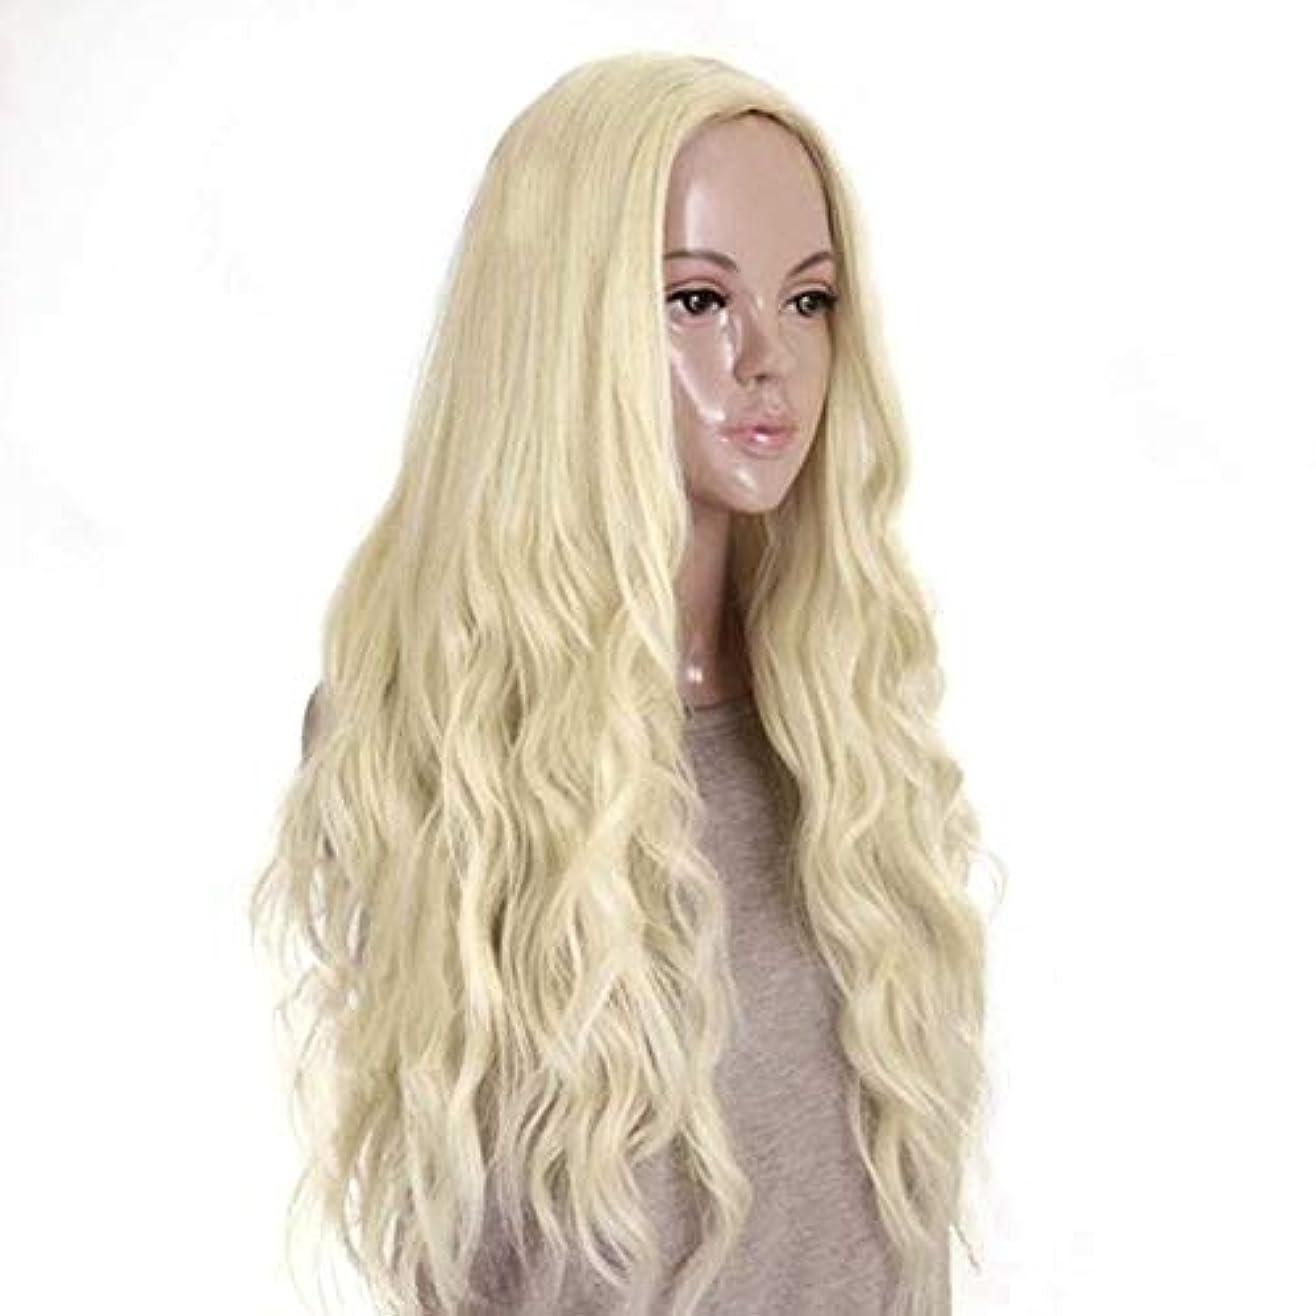 健全不幸環境保護主義者WASAIO ブロンドの髪かつら合成の長い巻き毛のふわふわのかつら70 cm (色 : Blonde)